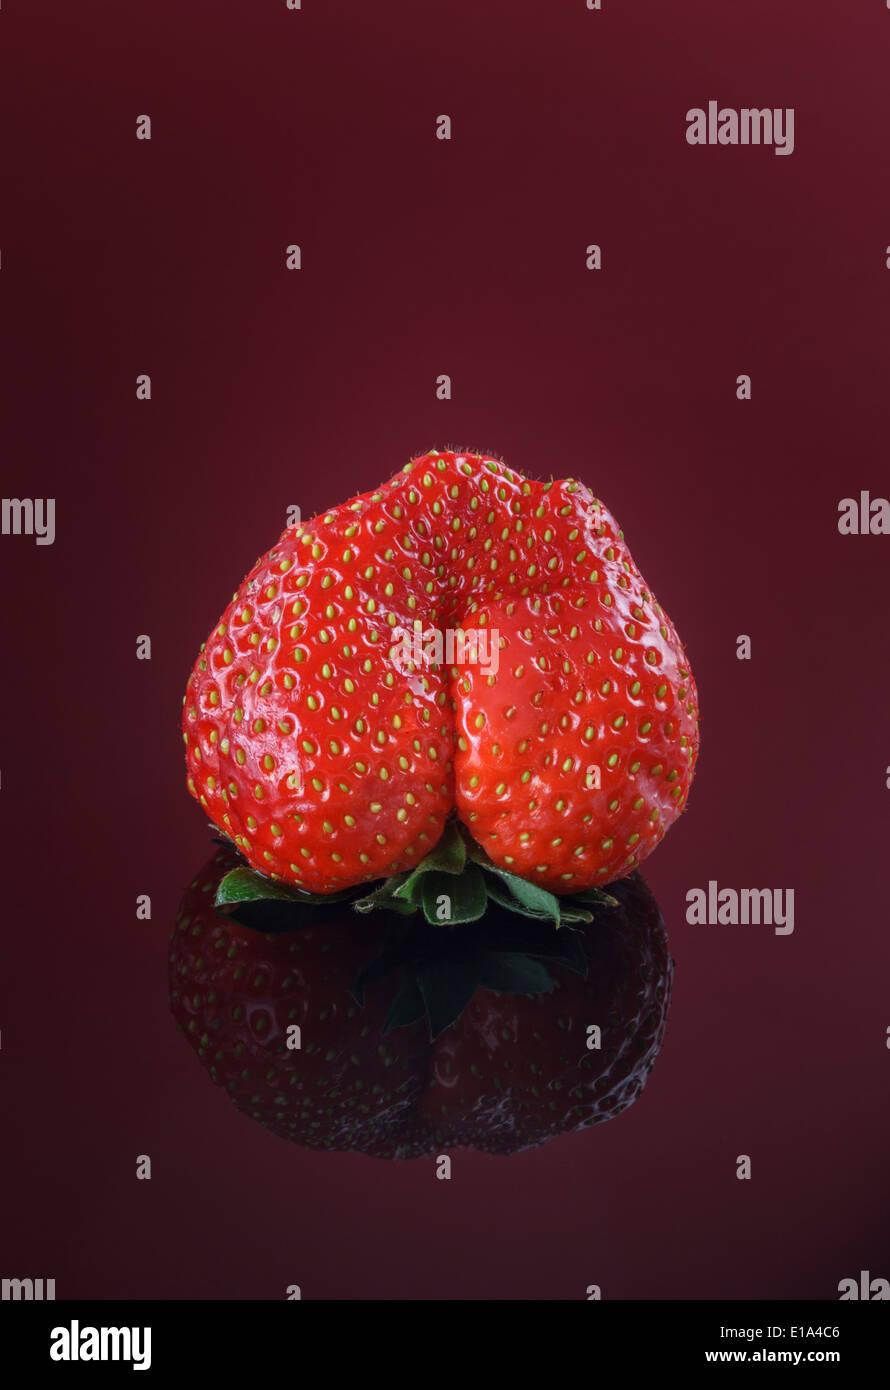 Einzigen frischen Erdbeere auf rotem Grund Stockbild